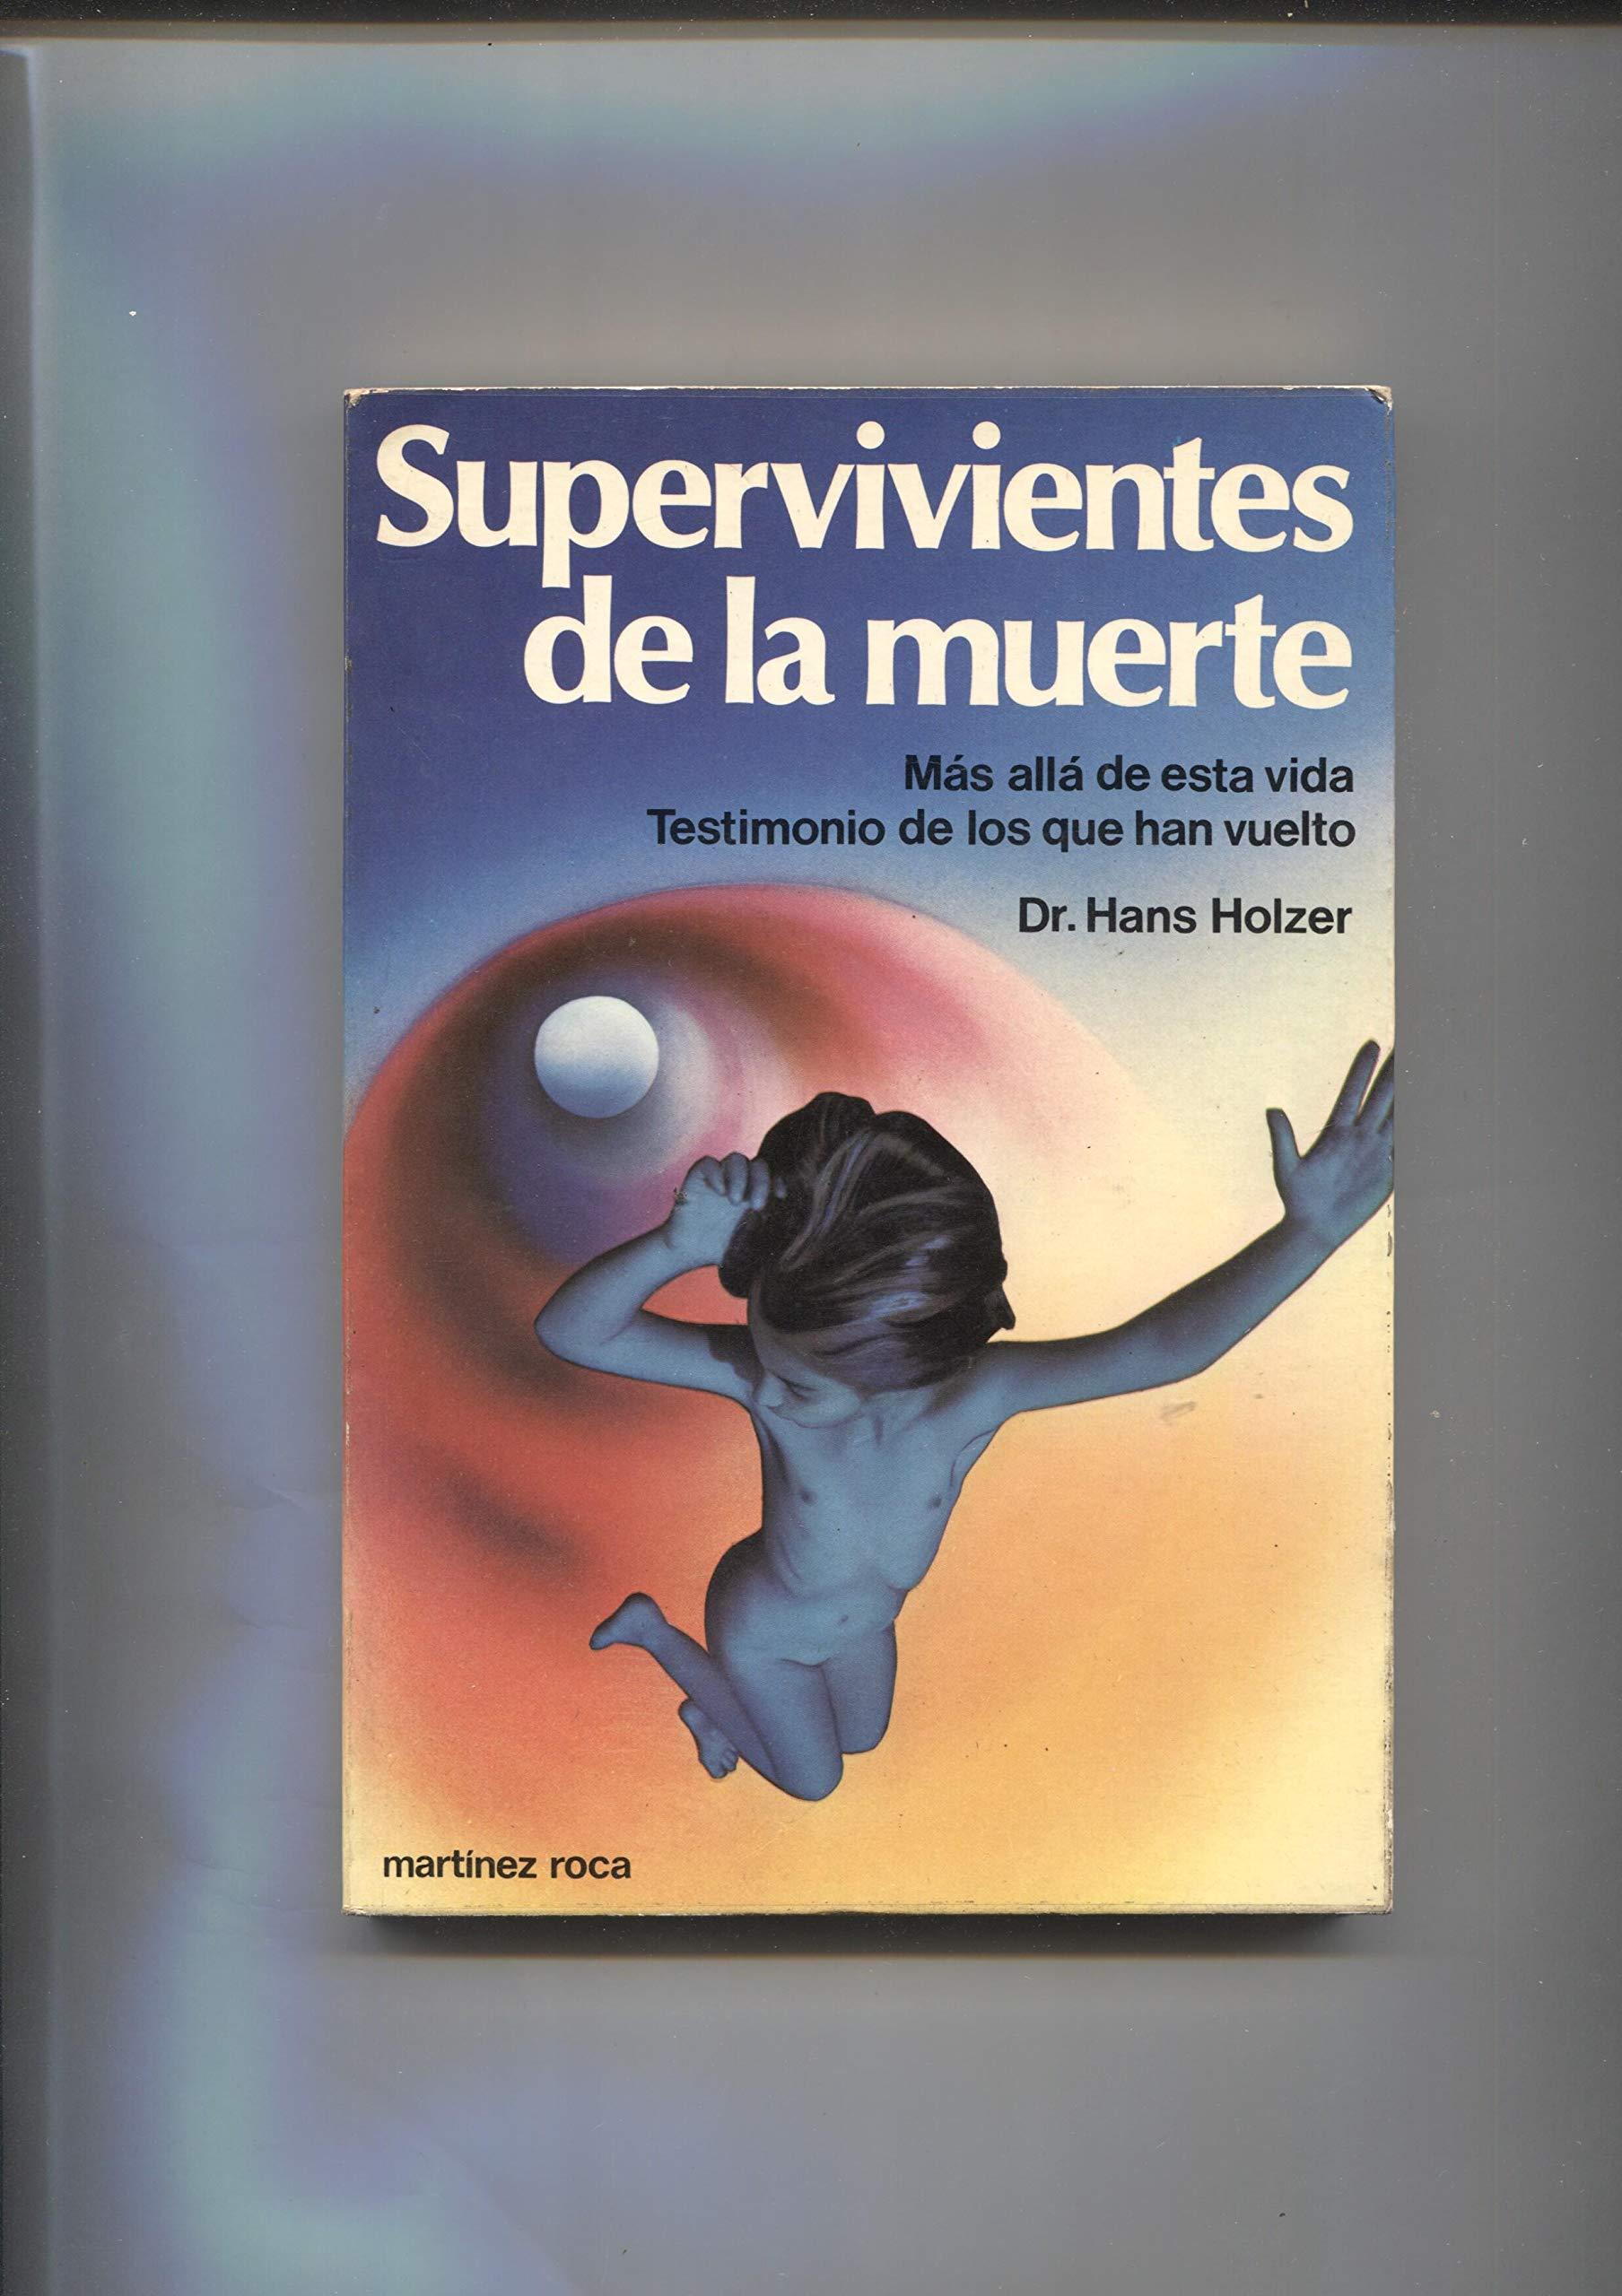 Supervivientes de la muerte: Amazon.es: Dr. Hans Holzer: Libros